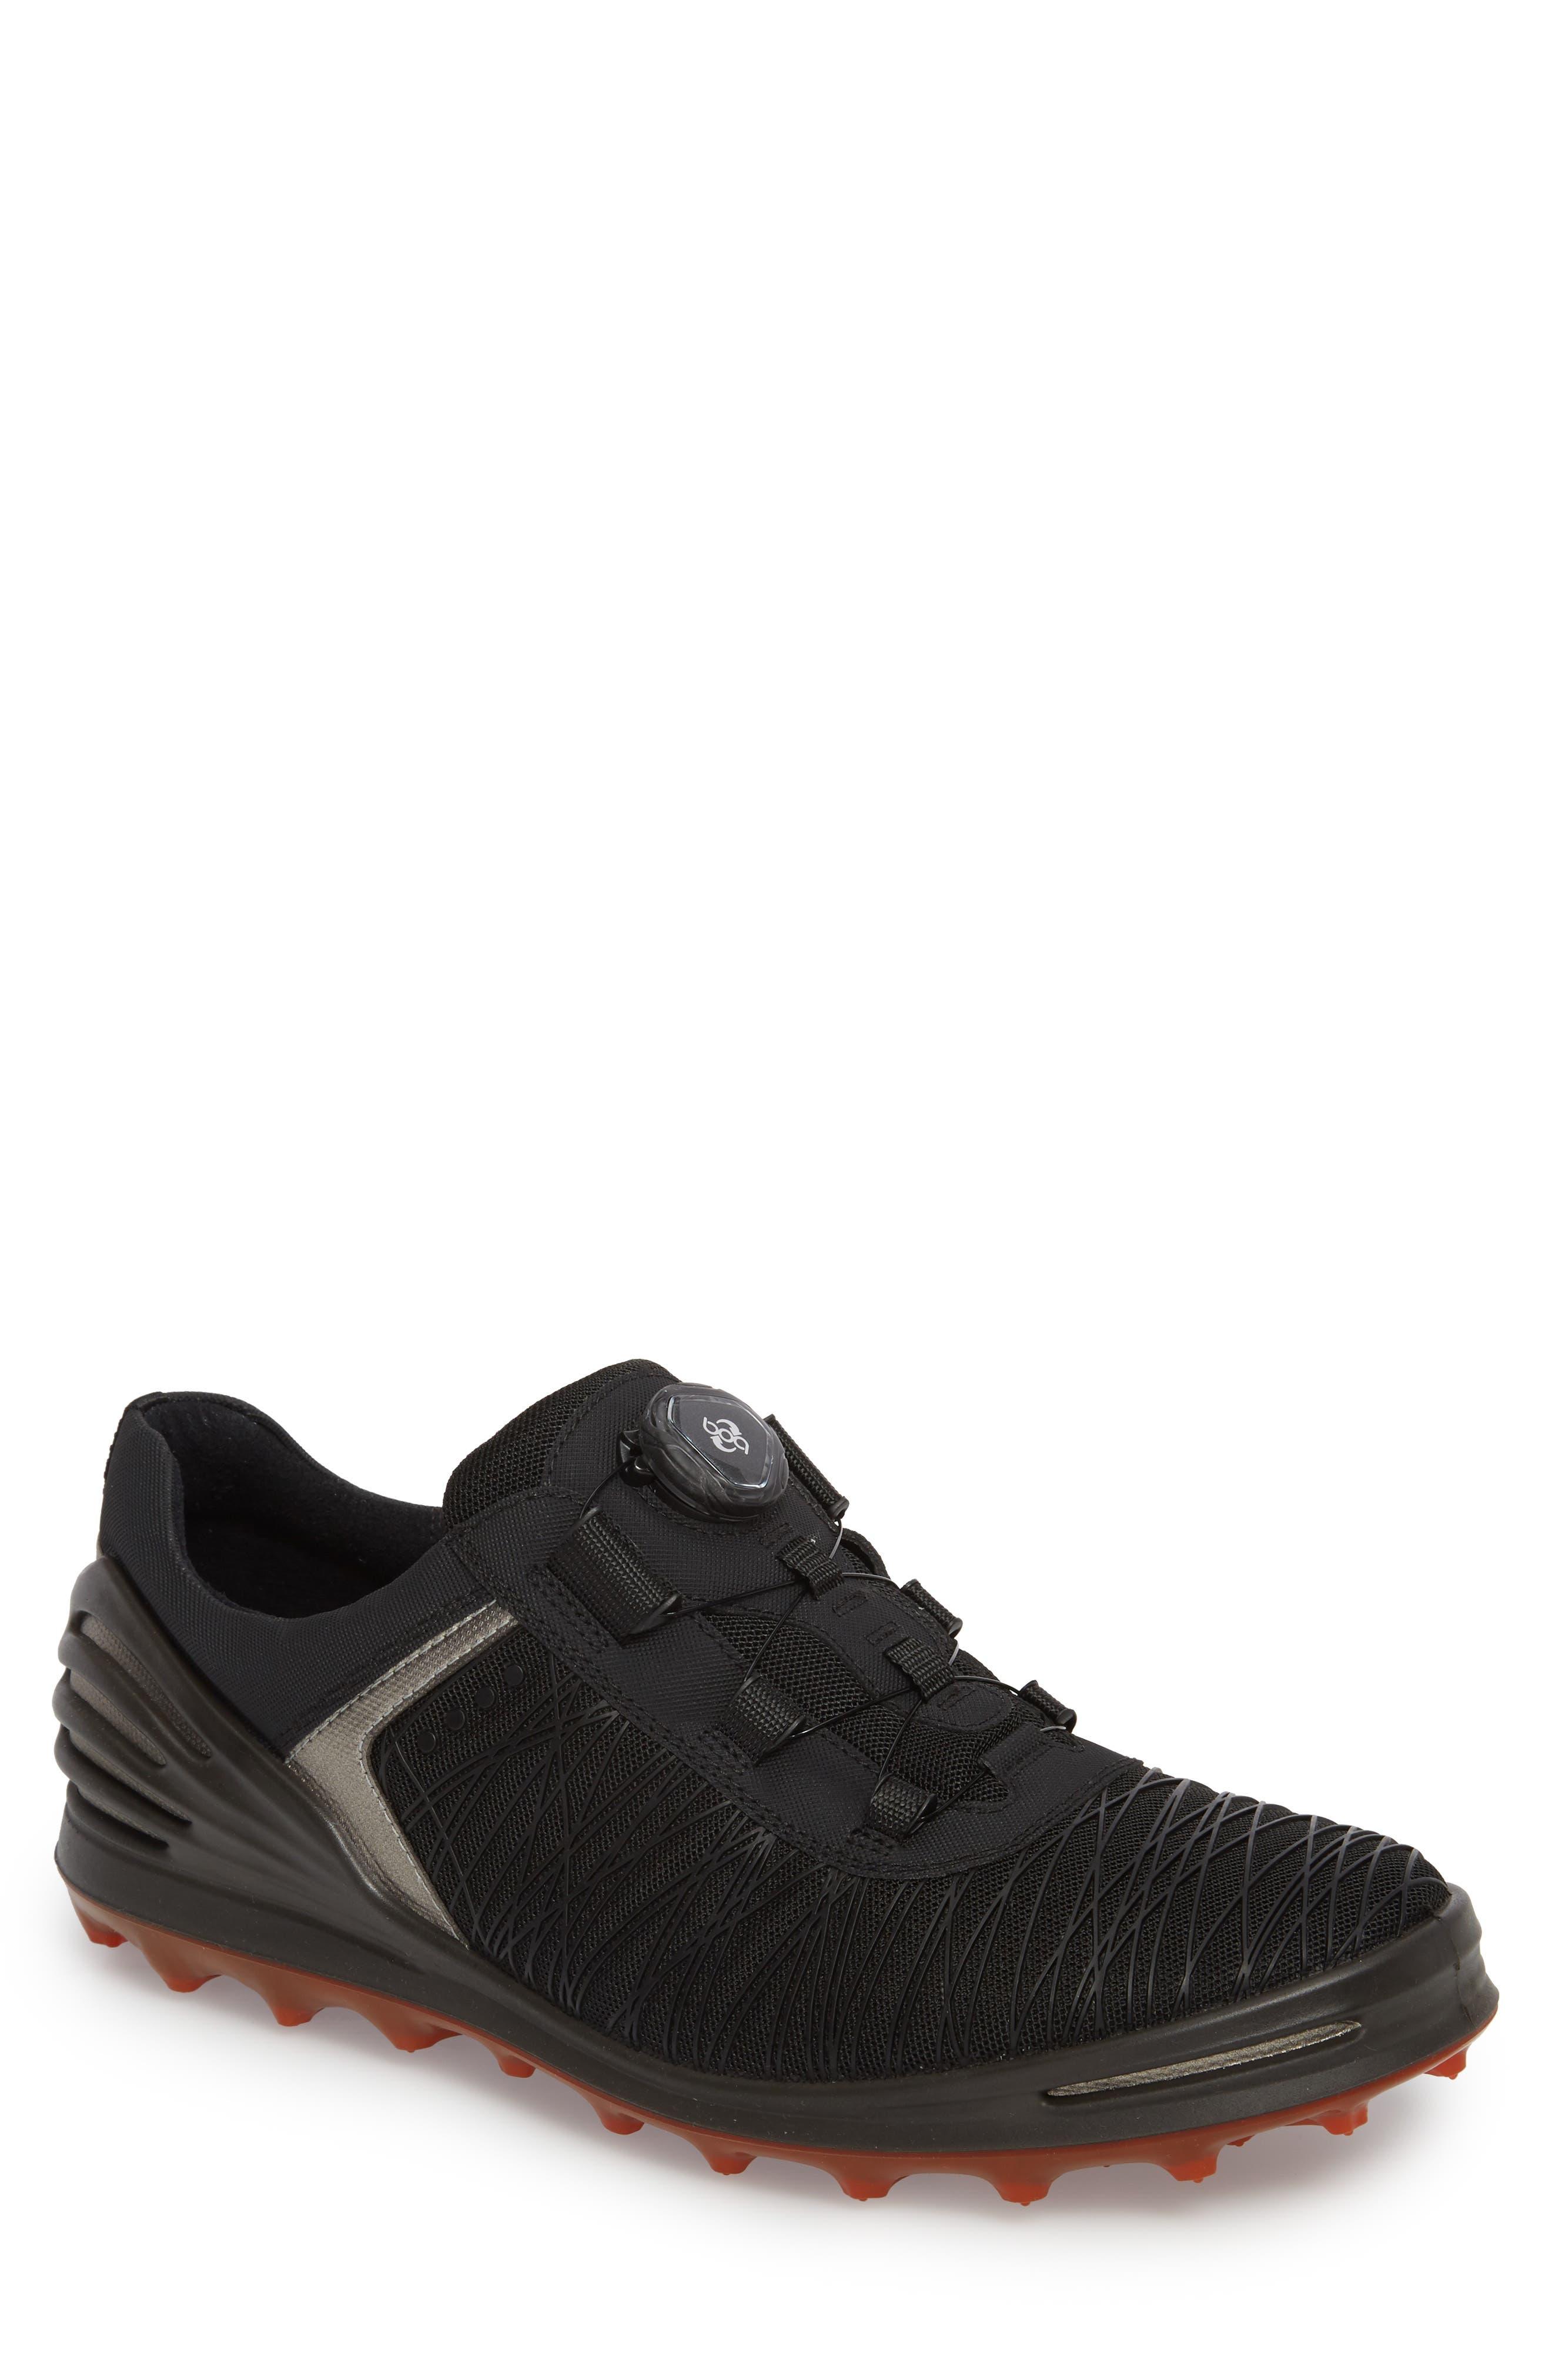 Cage Pro BOA Golf Shoe,                         Main,                         color, Black